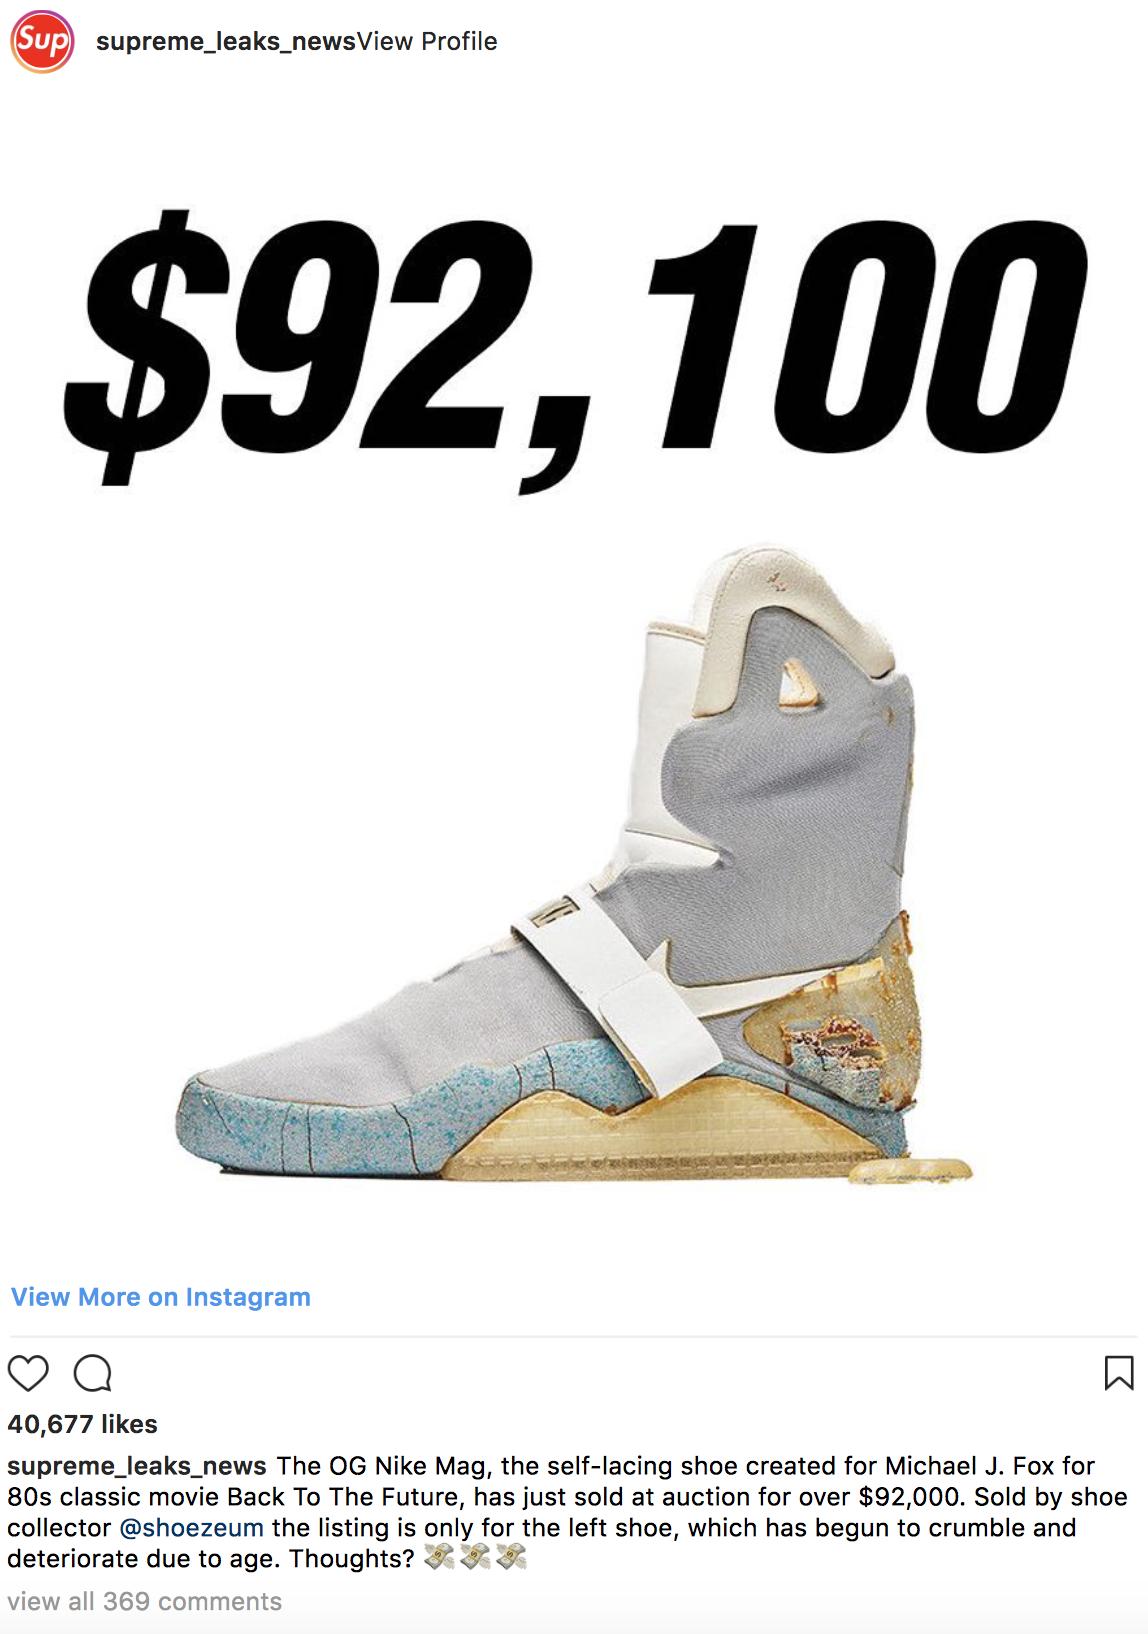 giay sneaker nike mag update - elle man 1